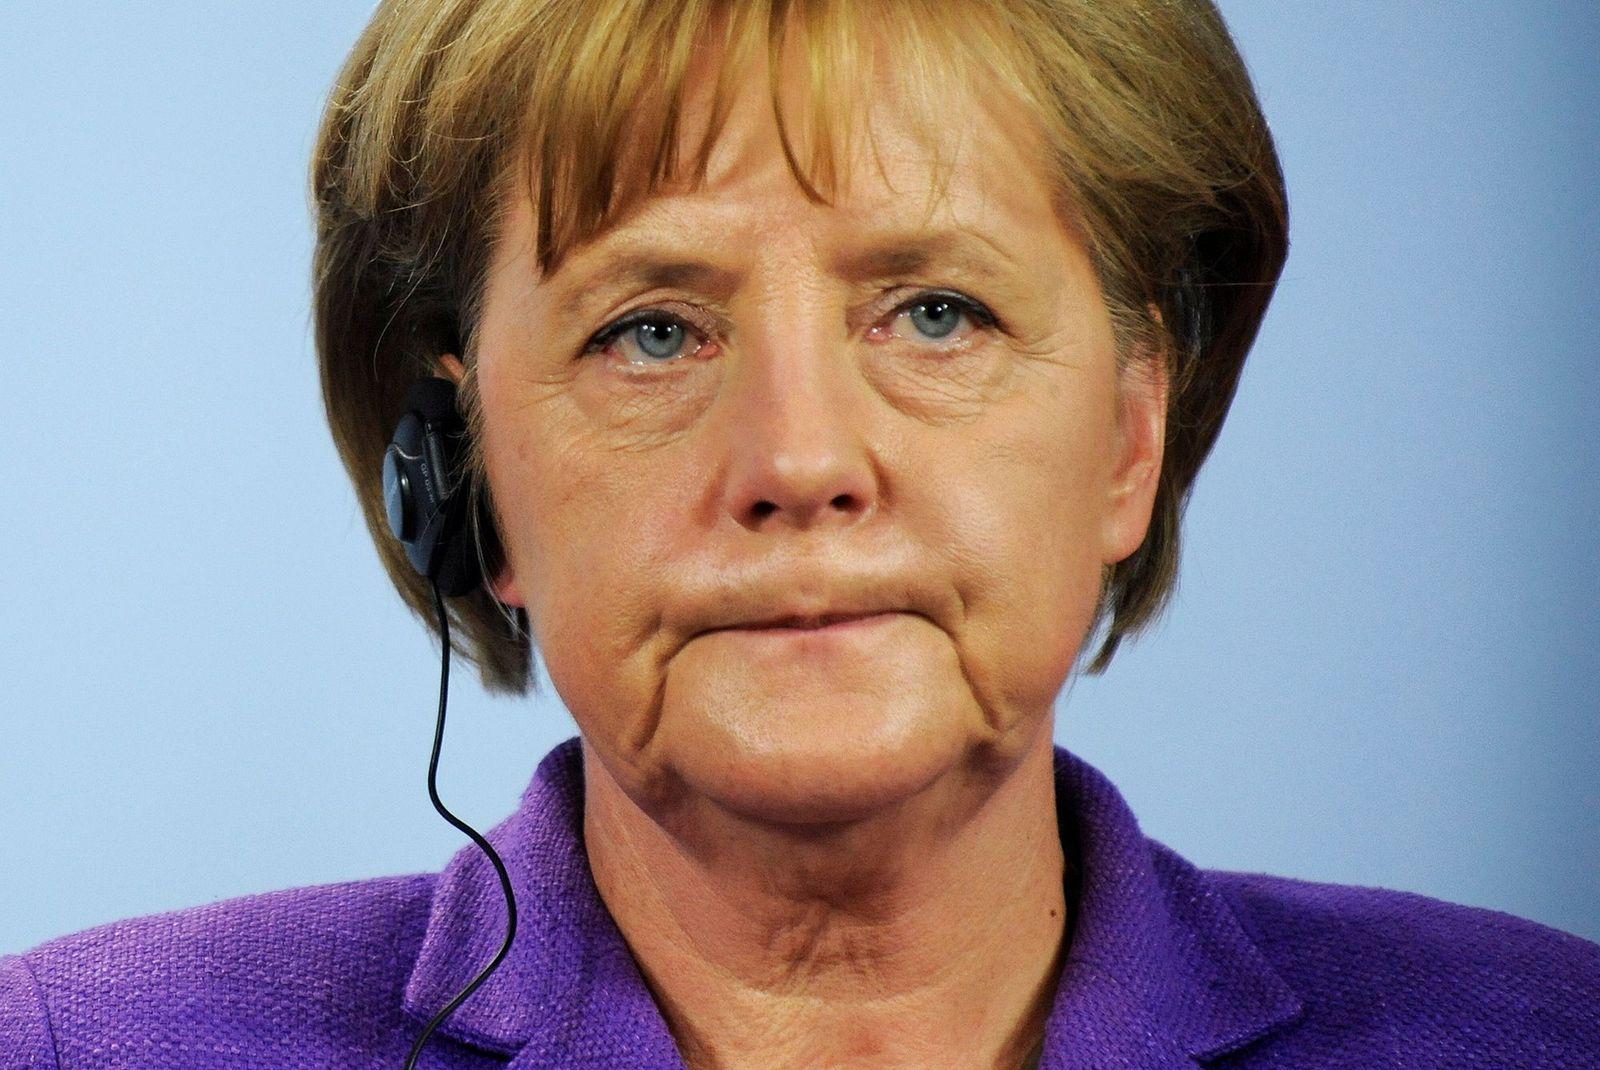 NICHT VERWENDEN Bundeskanzlerin Merkel aeussert sich zu Griechenlandhilfe